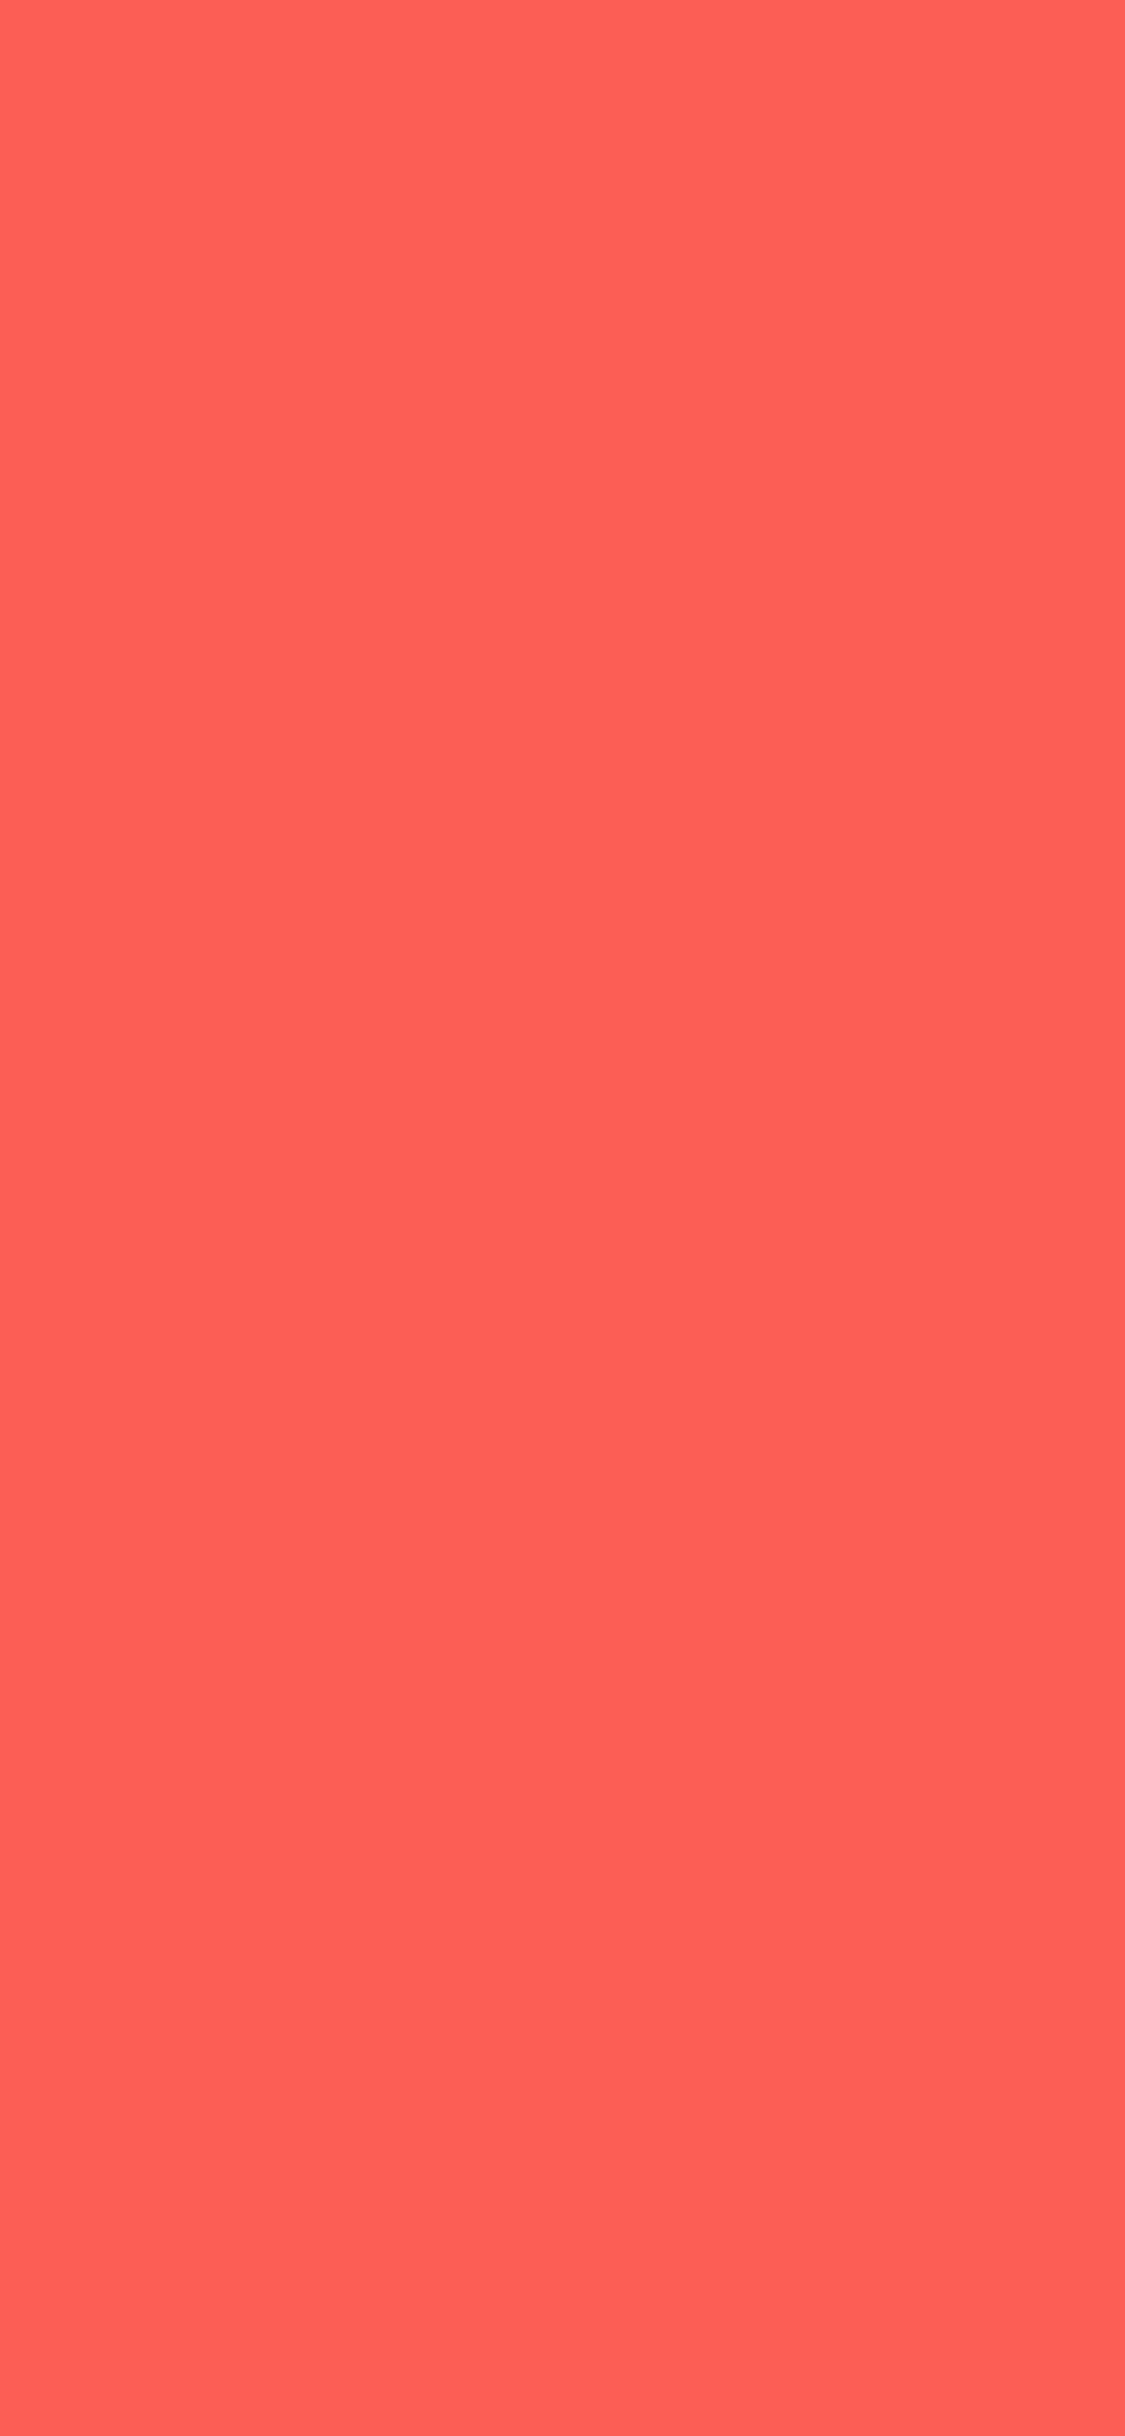 1125x2436 Sunset Orange Solid Color Background